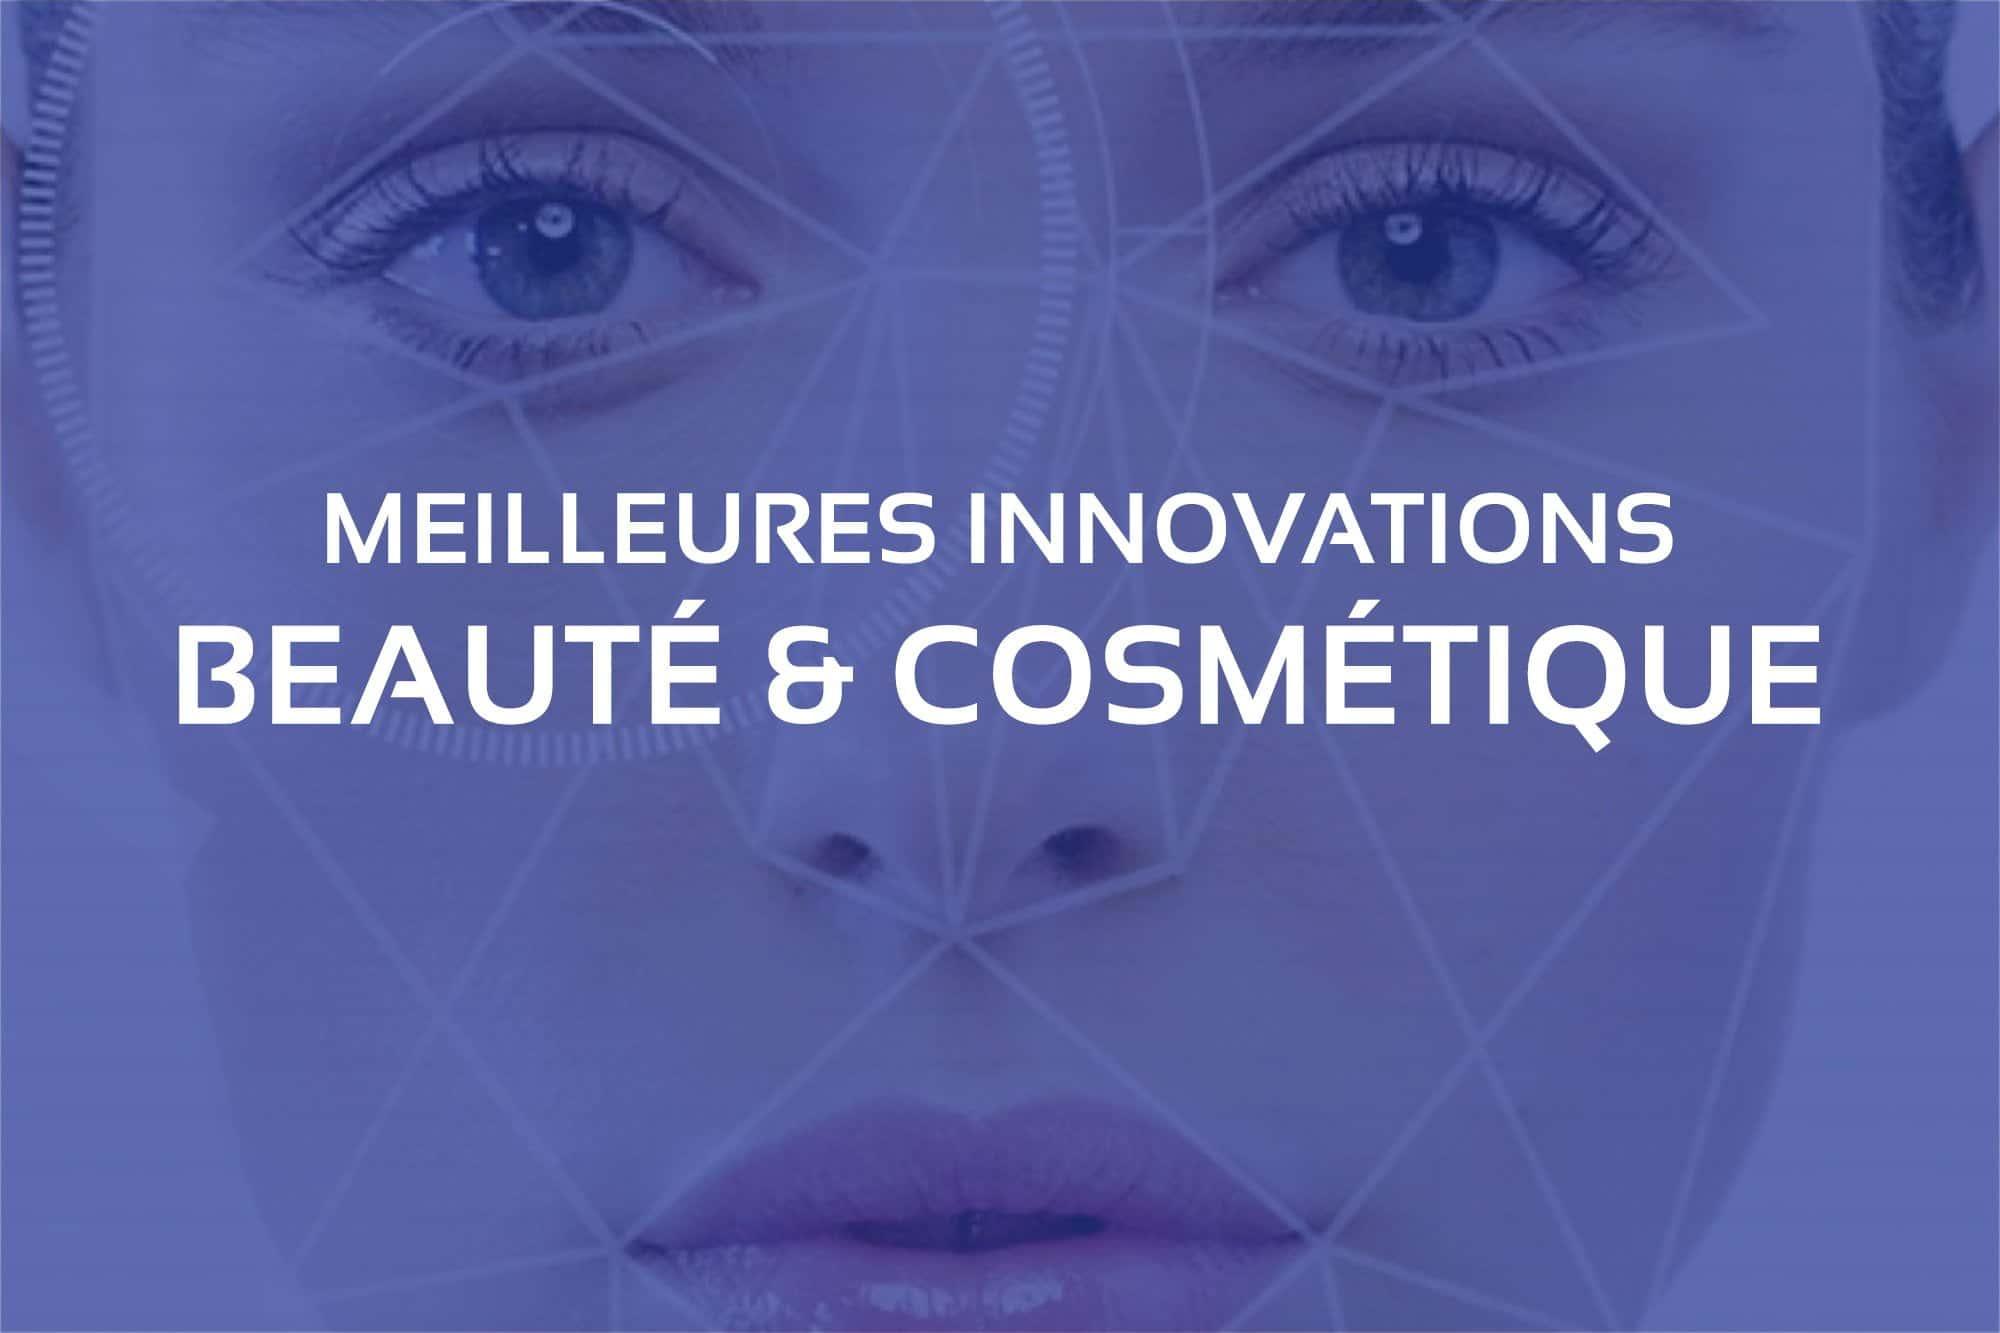 Les Meilleures Innovations Cosmétiques et Beauté Connectée 2021